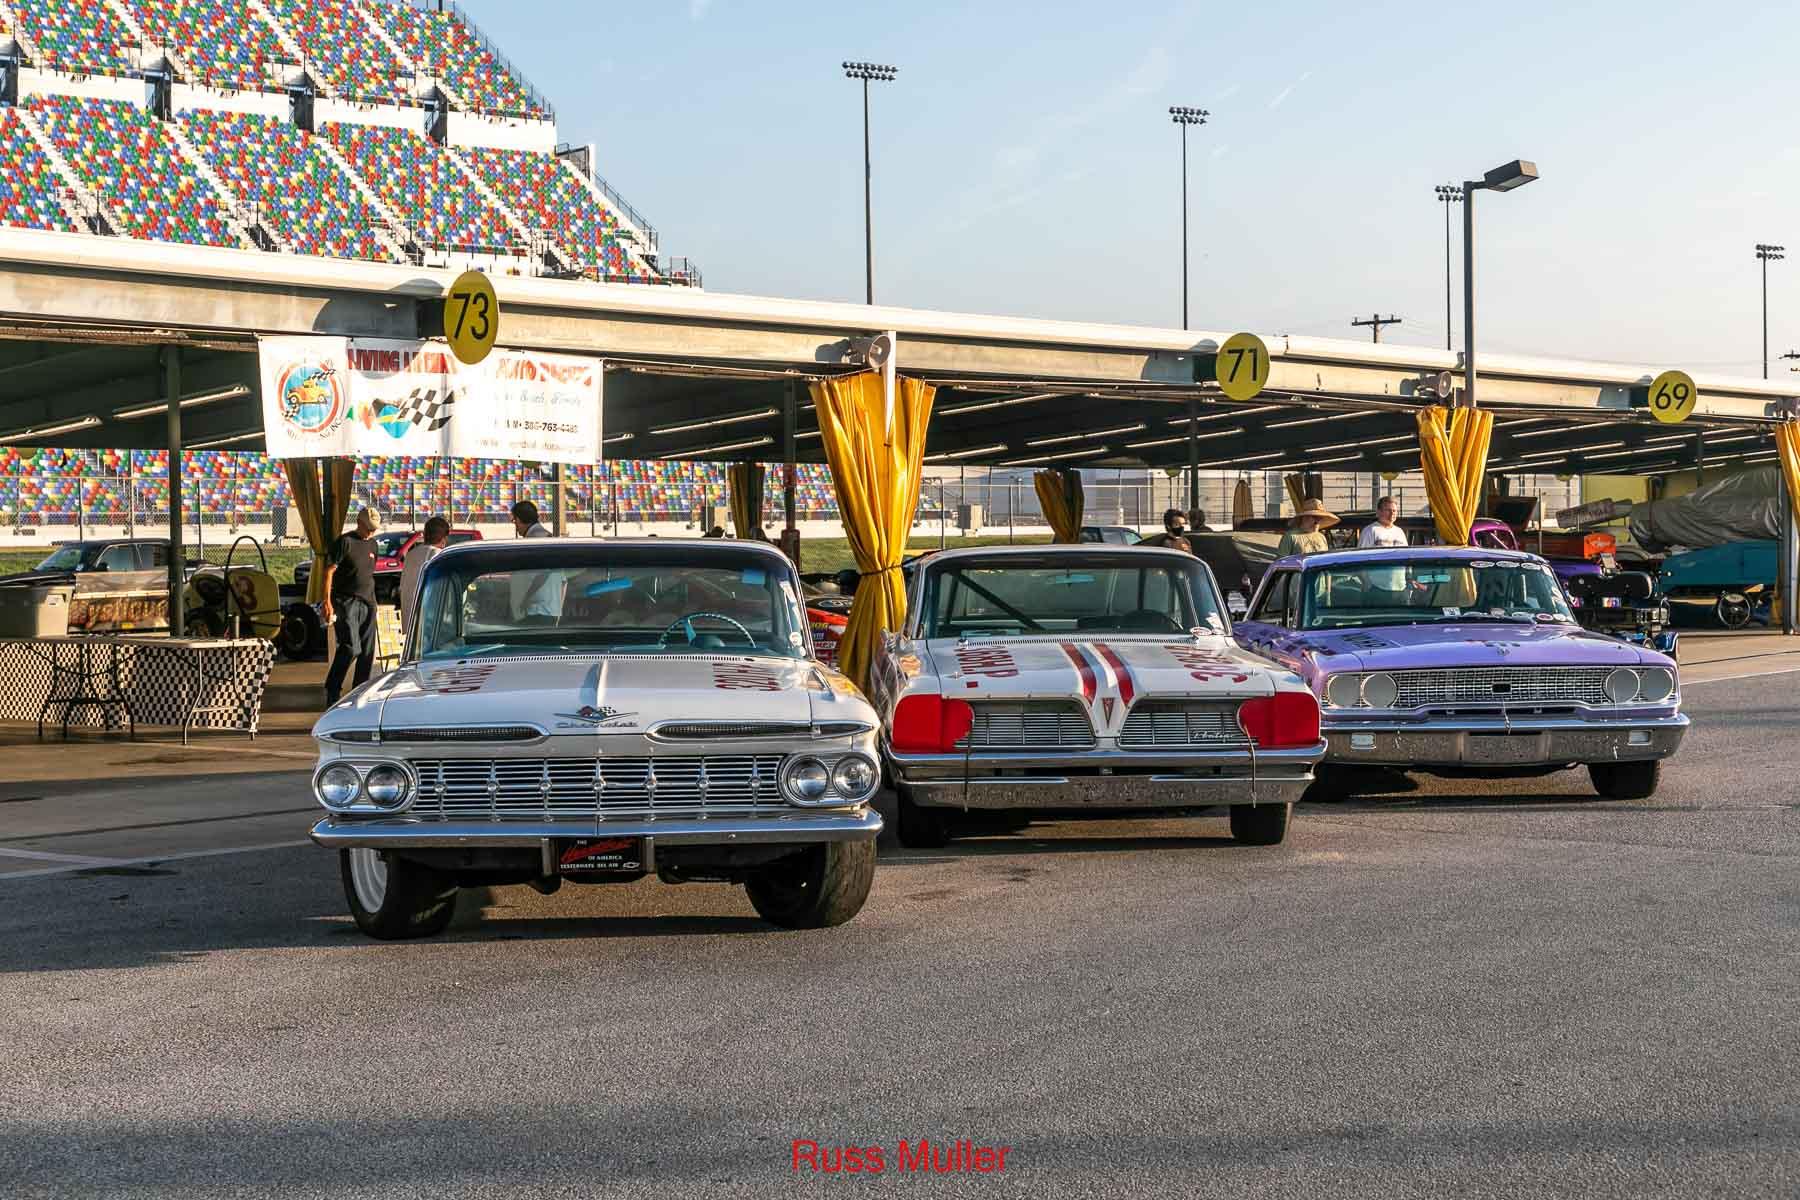 Daytona Car Show 2021